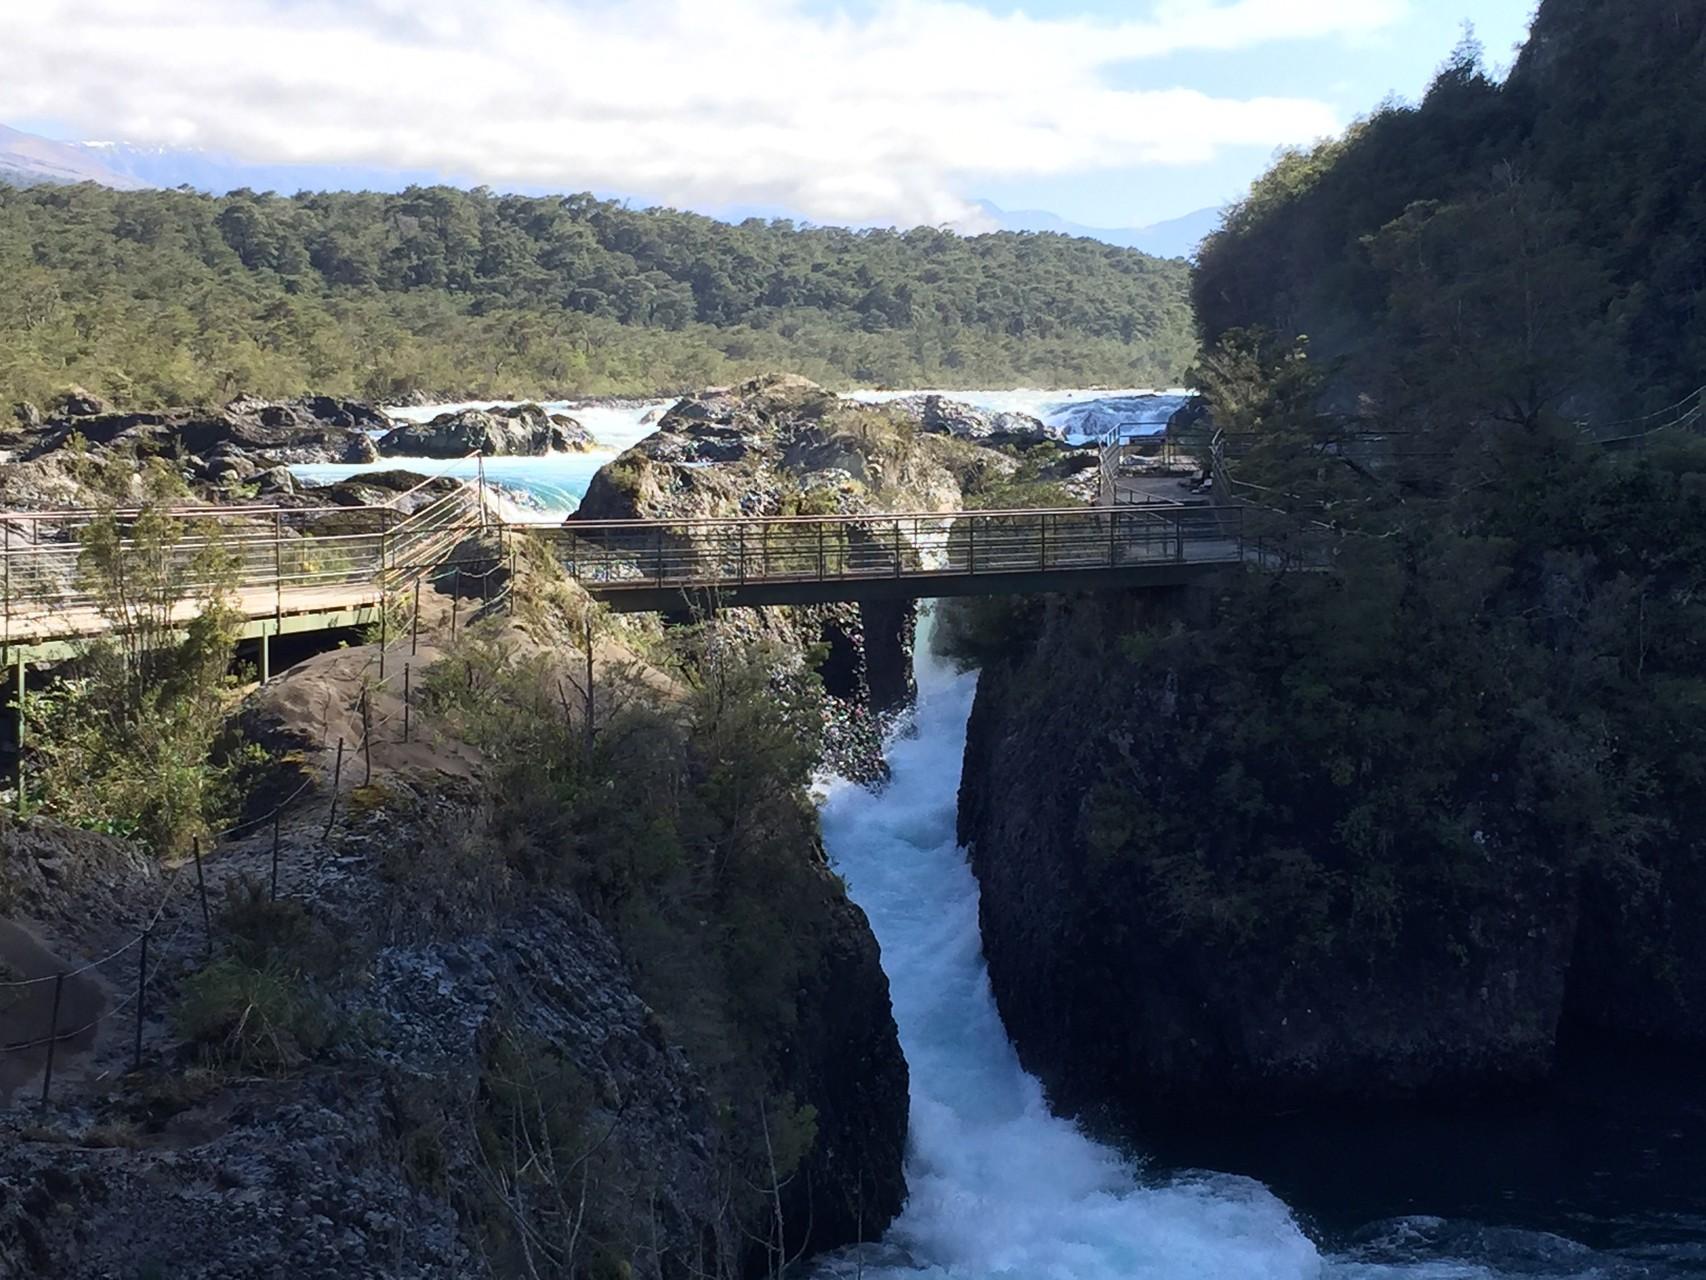 Wasserfall des Betraute